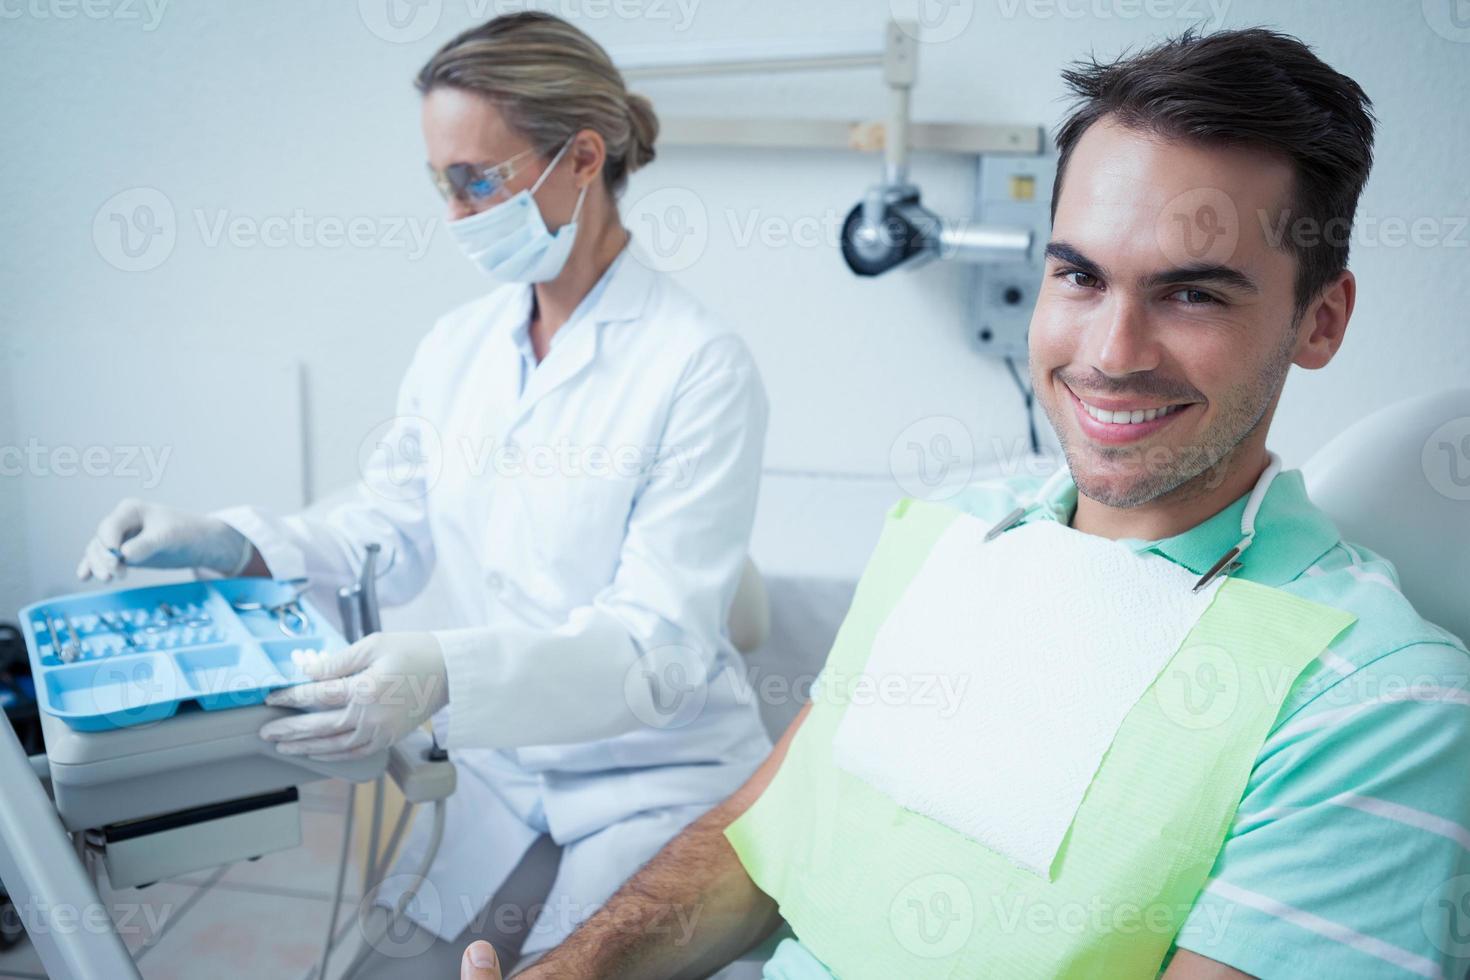 homme souriant en attente d'examen dentaire photo